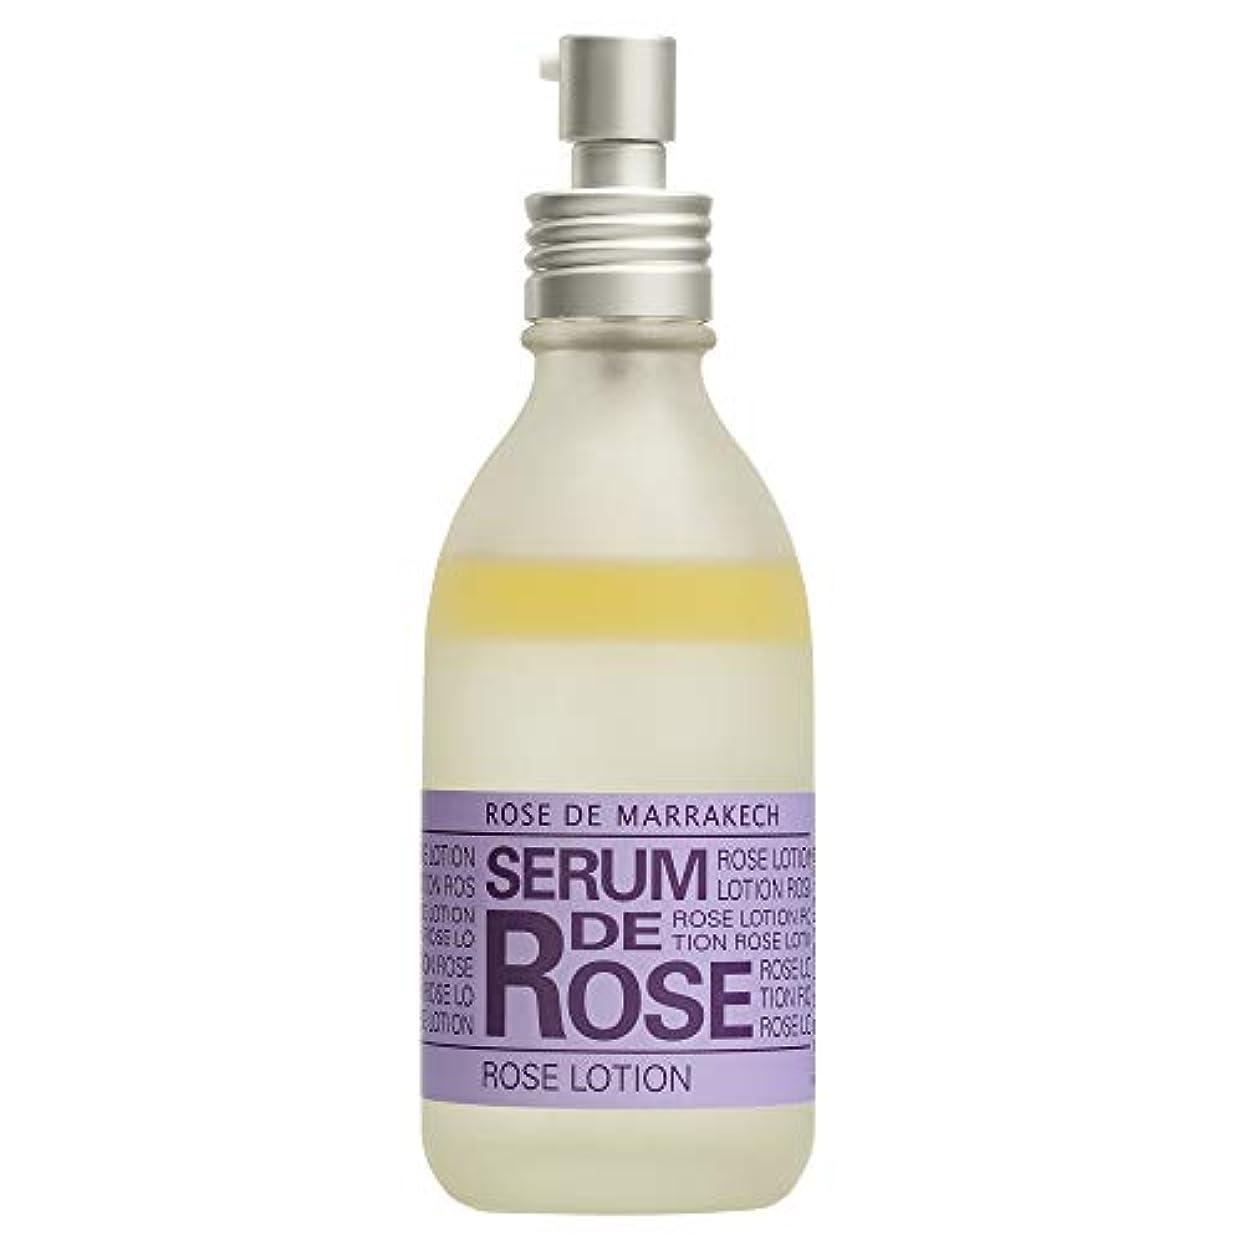 ただやる矛盾毒液ローズ ド マラケシュ セラム ド ローズ120ml(オールインワン化粧水)